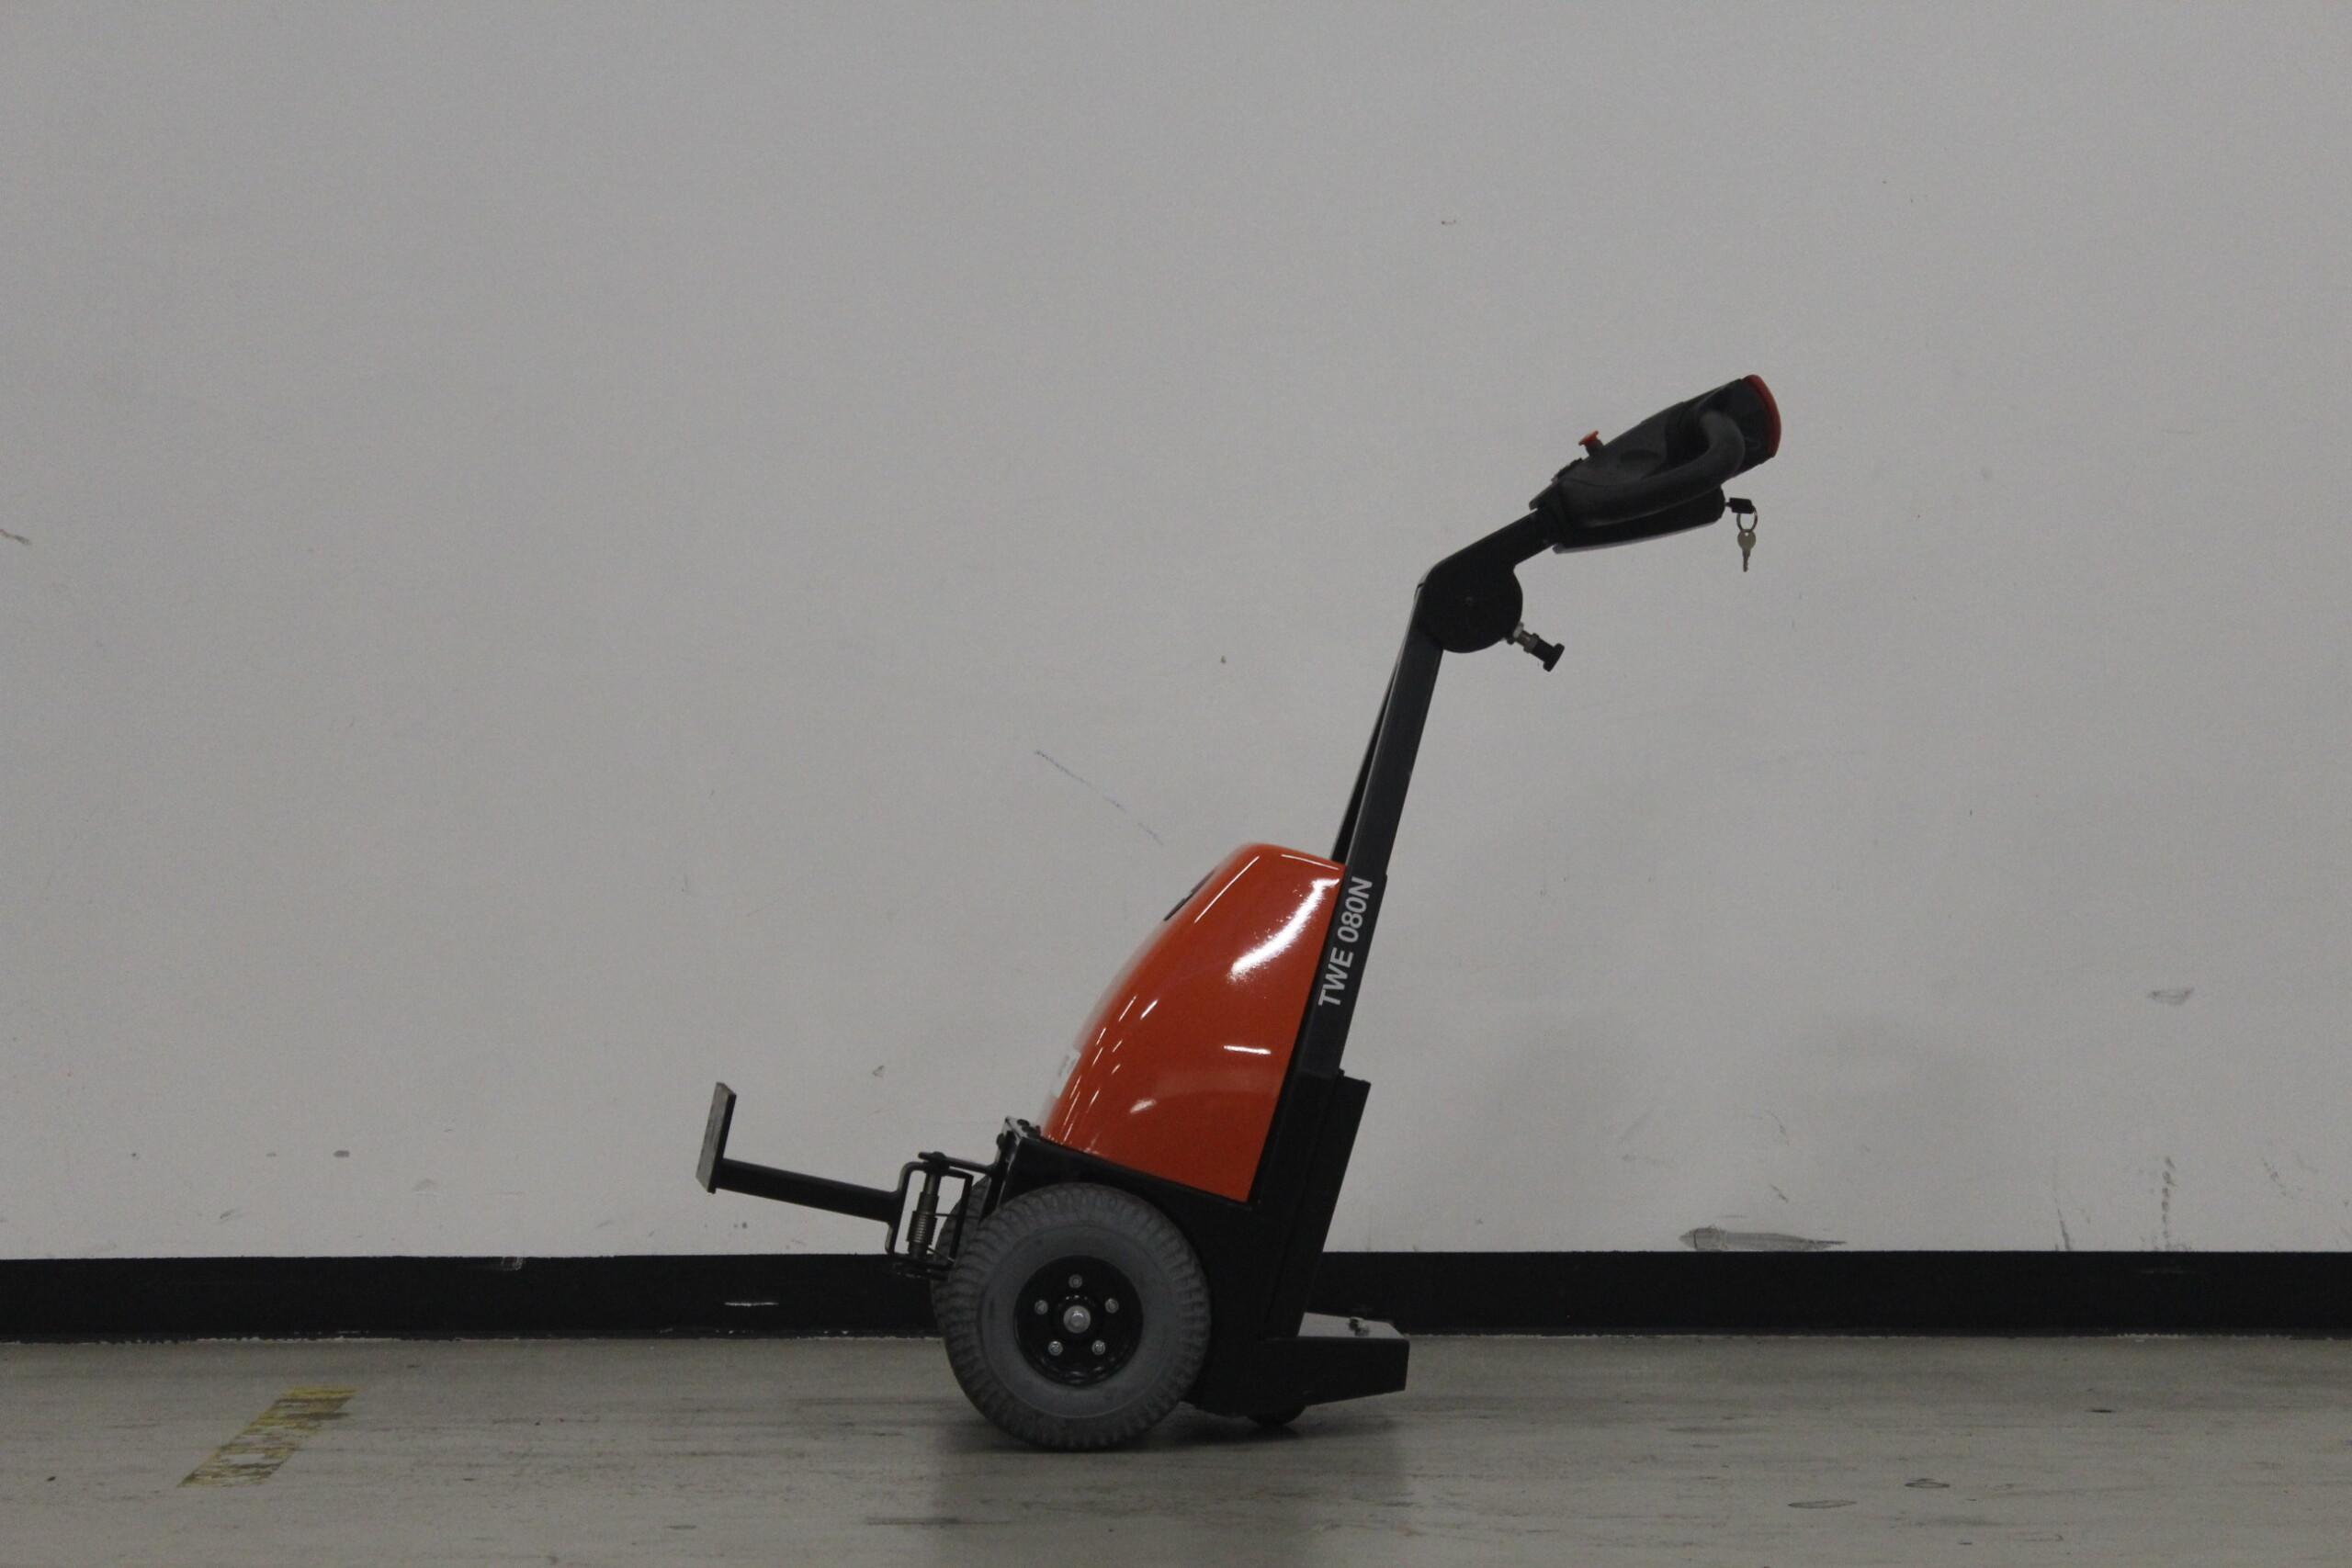 Toyota-Gabelstapler-59840 1707027001 1 63 scaled